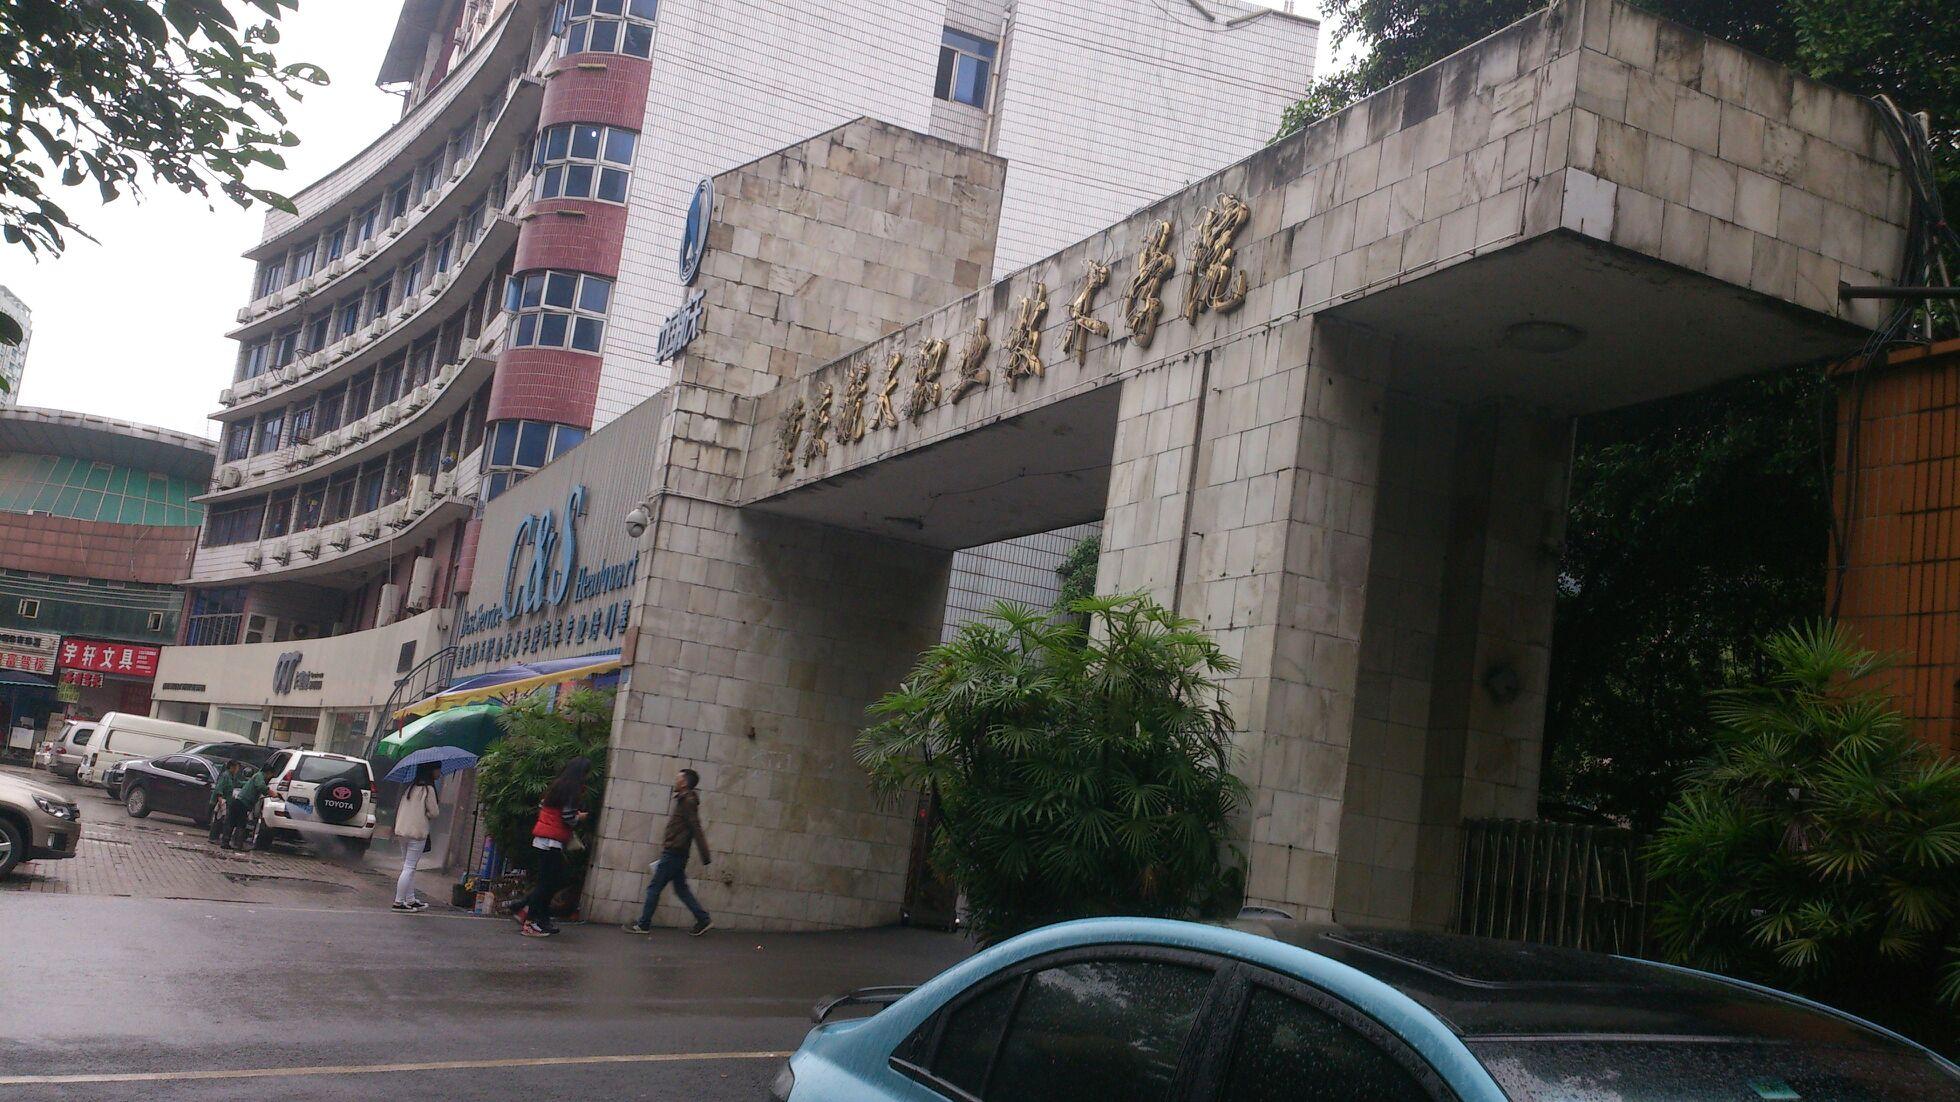 重庆电子科技职业学院 重庆一专录取分数线 重庆电子科技职业学院图片